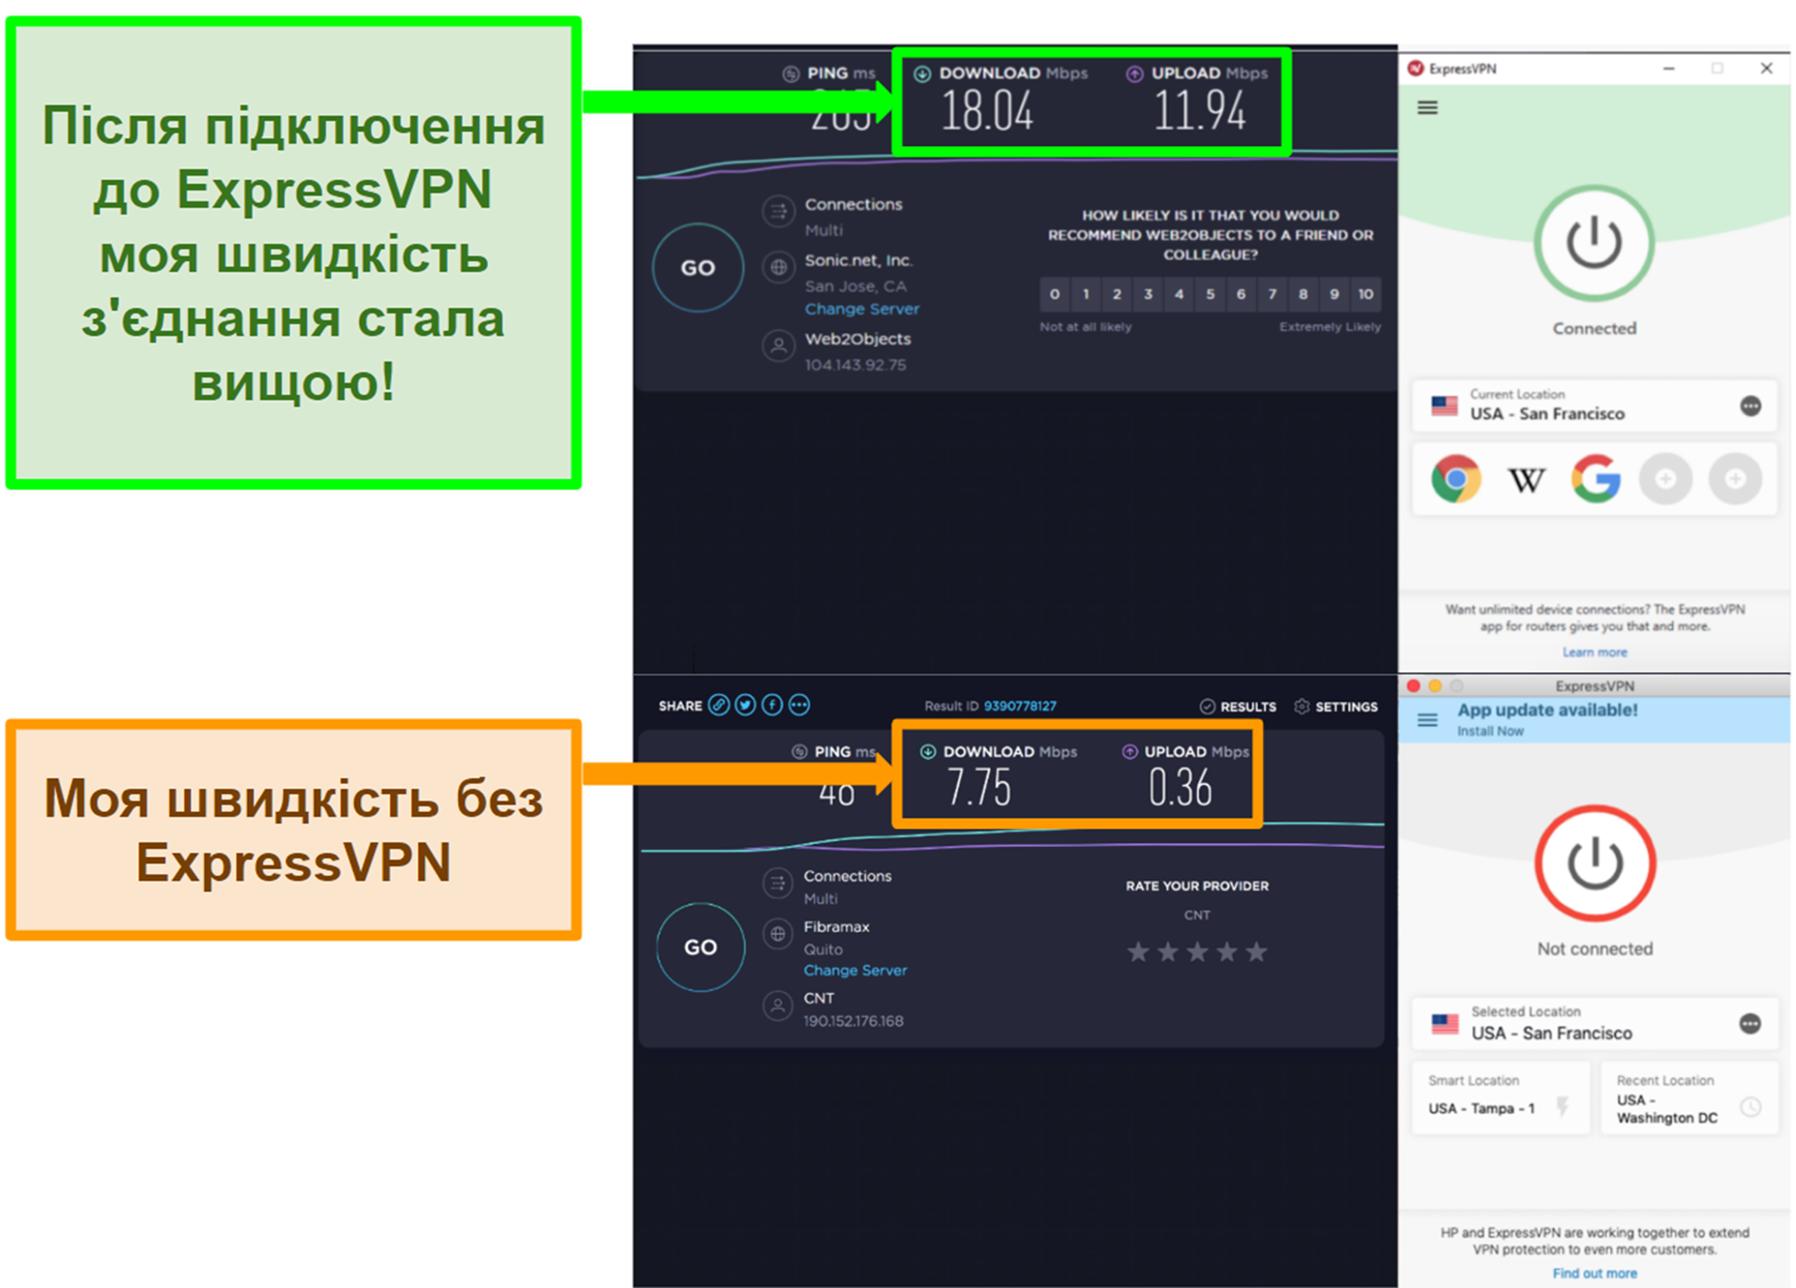 ExpressVPN покращив мою швидкість при підключенні до американського сервера